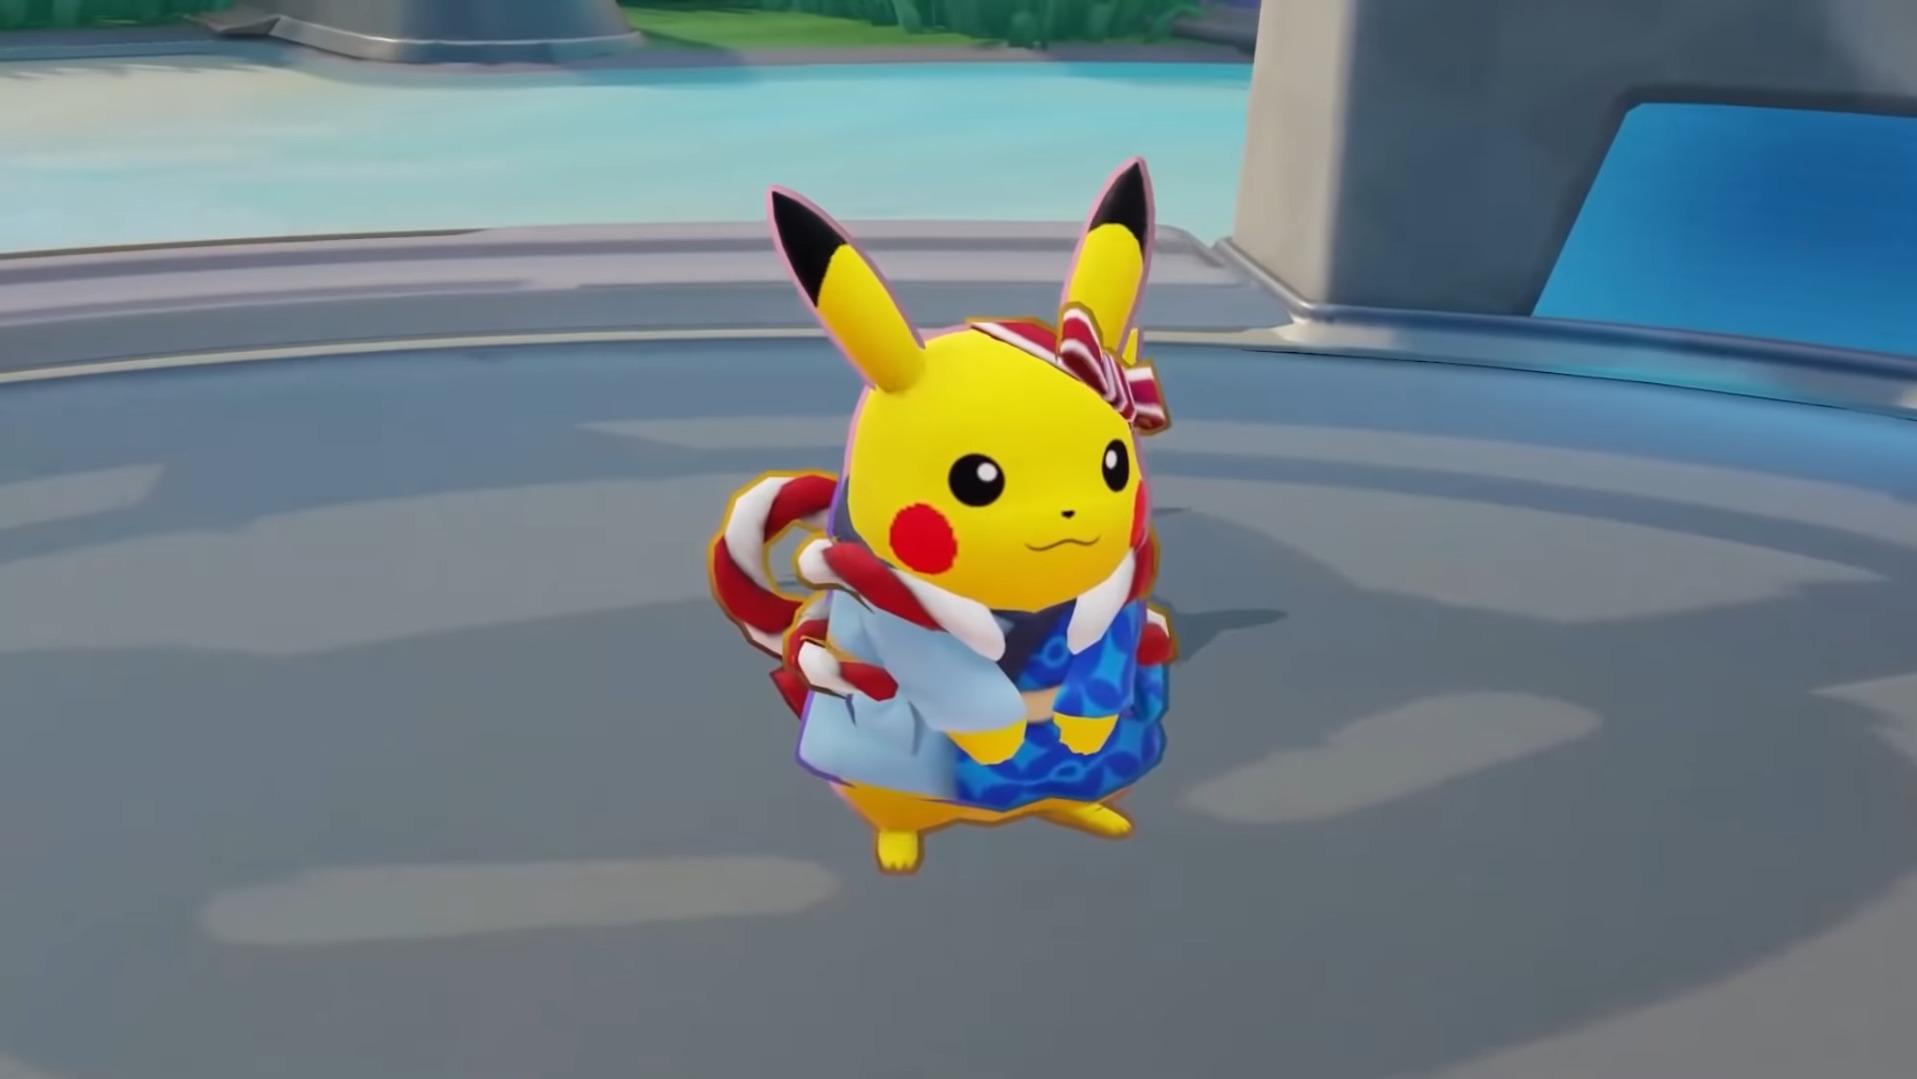 【ポケモンユナイト】スマホ版の配信日はいつ?【Pokémon UNITE】